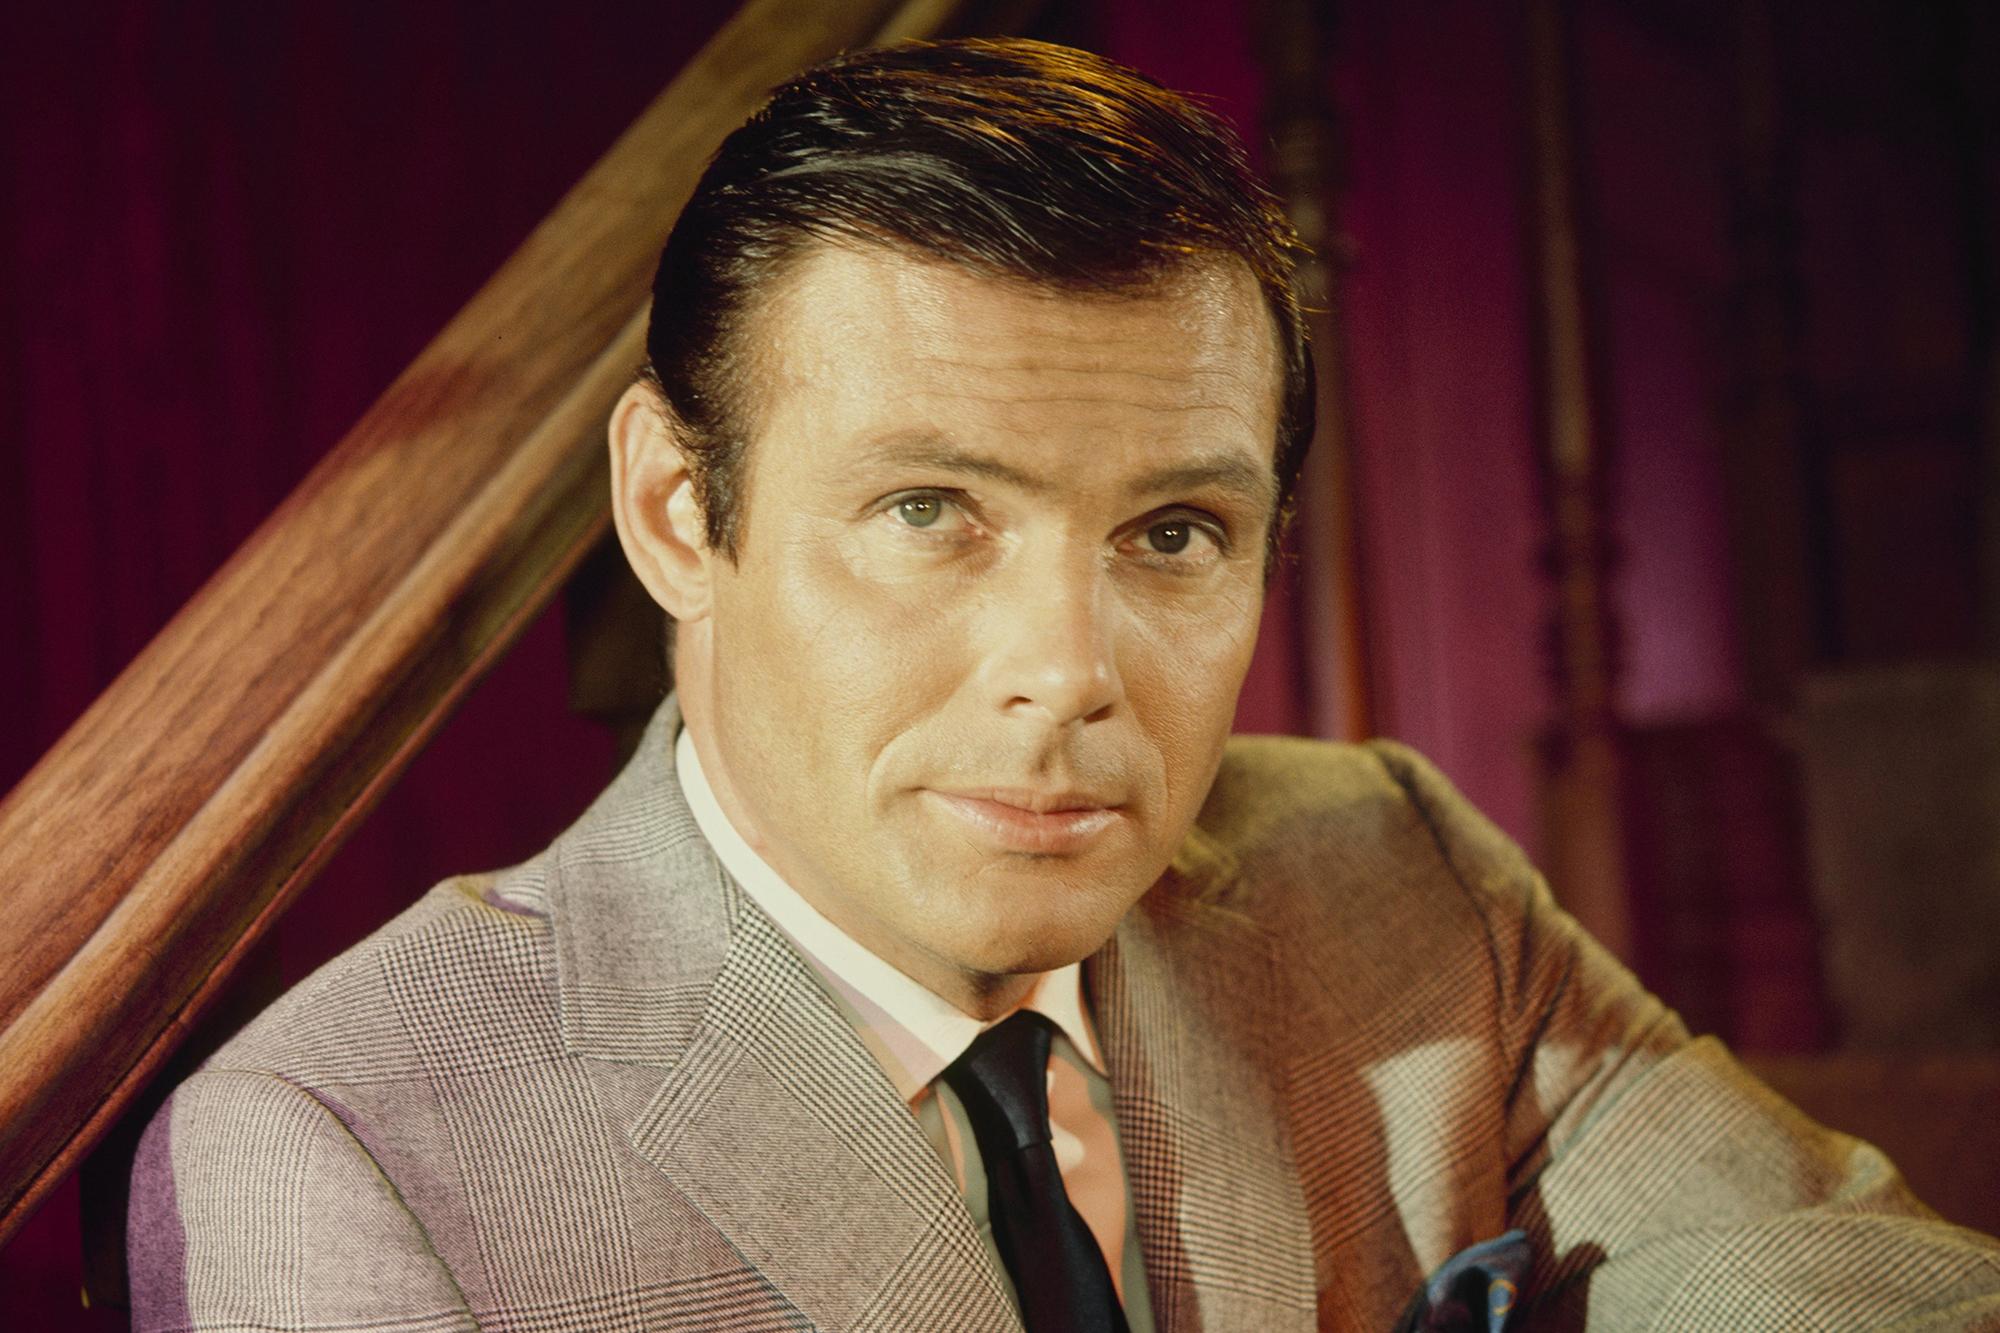 Adam West in 1967.